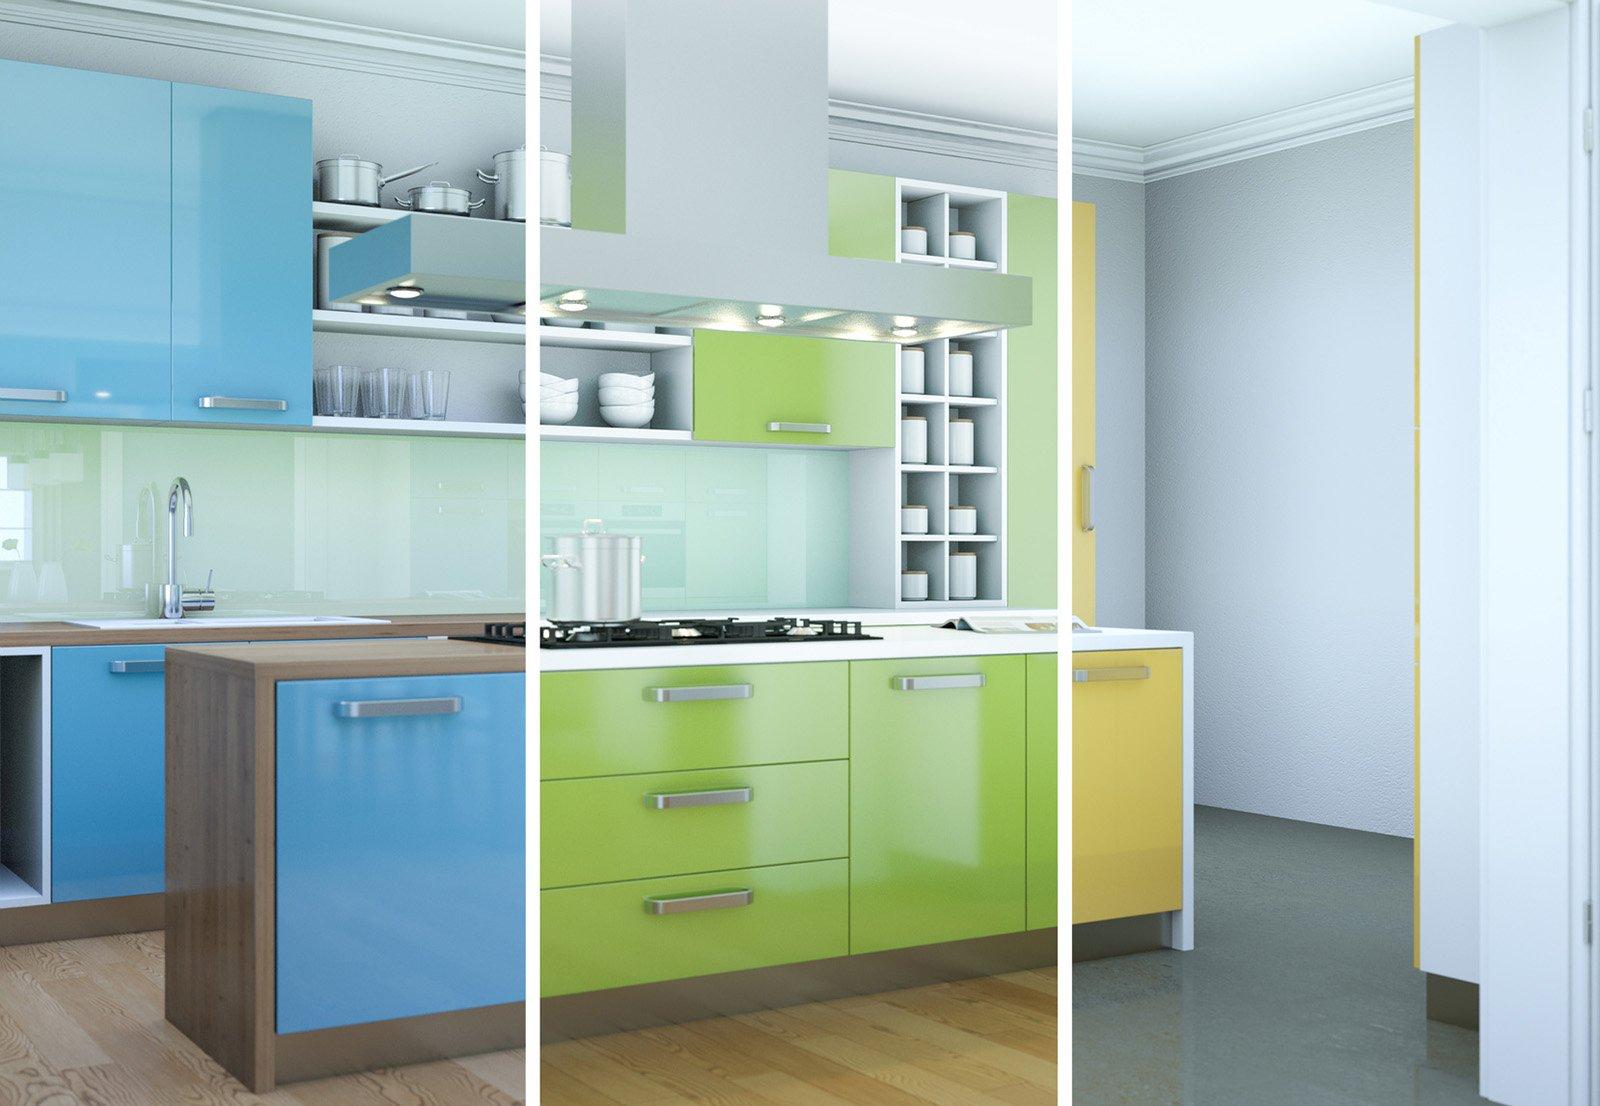 Rinnovare la cucina in modo soft poco lavoro e poca spesa - Rinnovare la cucina ...